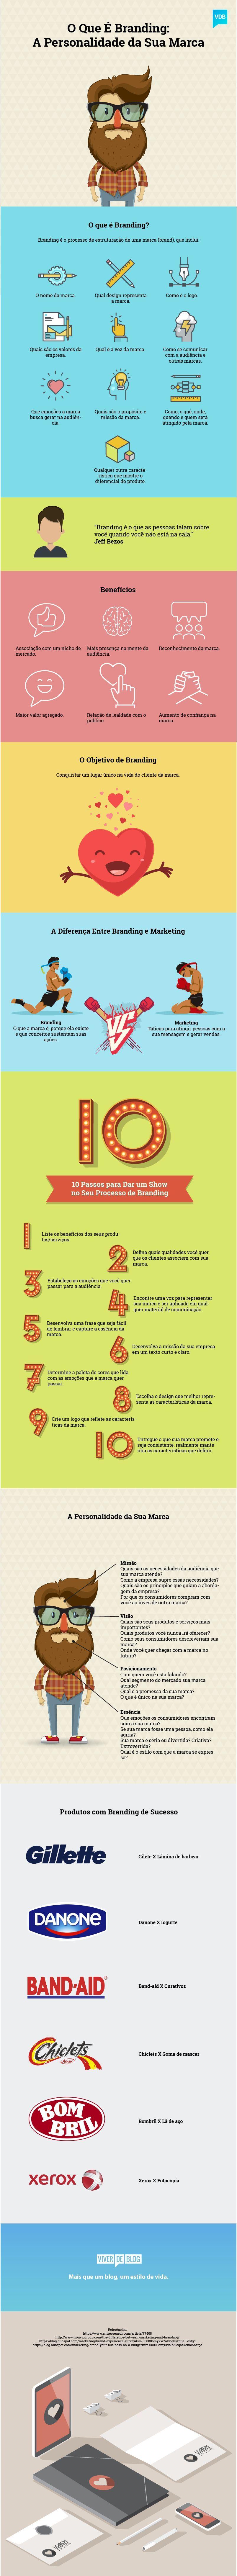 Infográfico-O-Que é Branding-2 Clique aqui http://www.estrategiadigital.pt/ e visite agora o Blog Estratégia Digital para ver mais Táticas e Ferramentas de Marketing Digital para Internet!